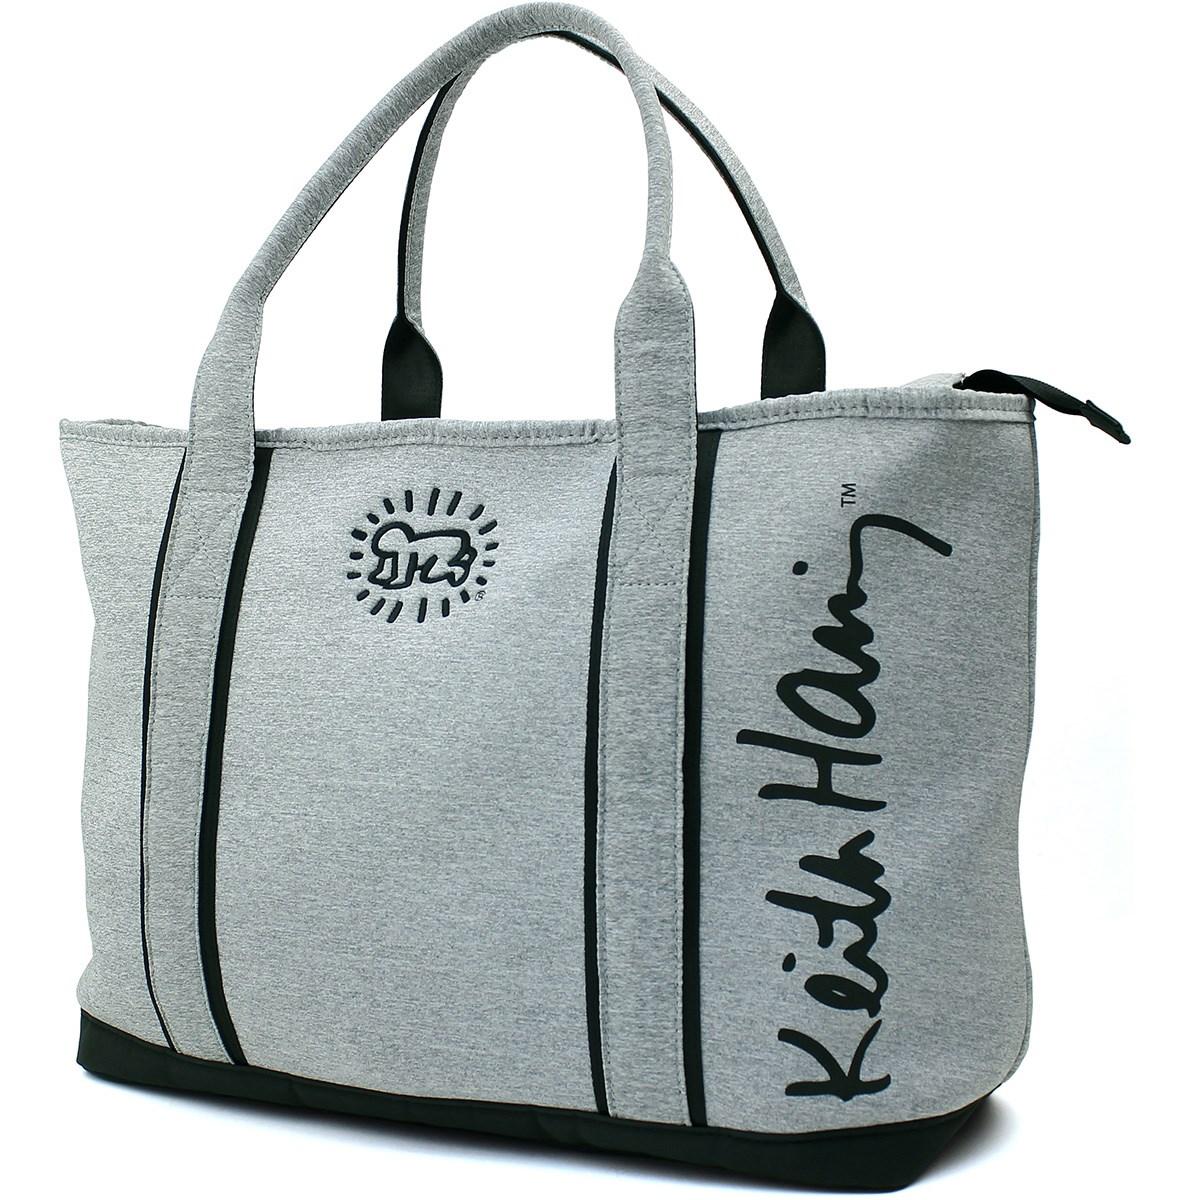 キース・ヘリング Keith Haring トートバッグ ライトグレー